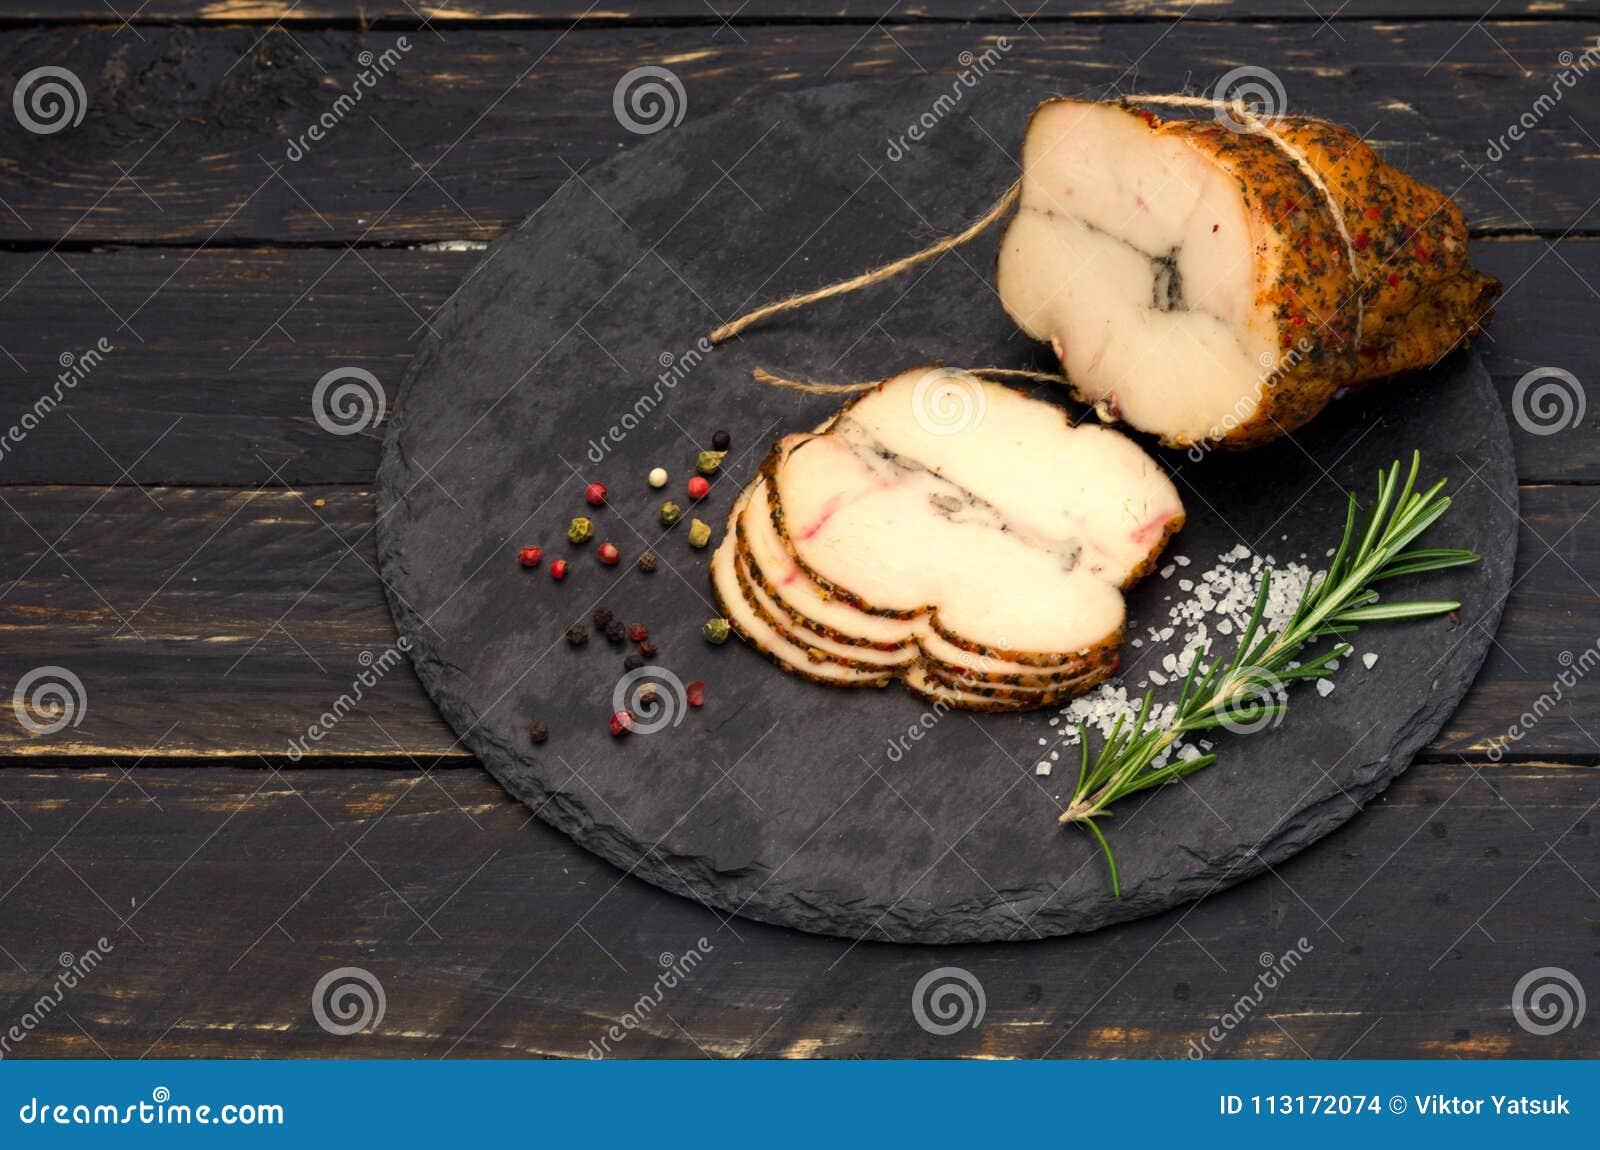 Piatti Cucina In Ardesia : Polpettone affettato su un bordo dell ardesia piatto sulla tavola